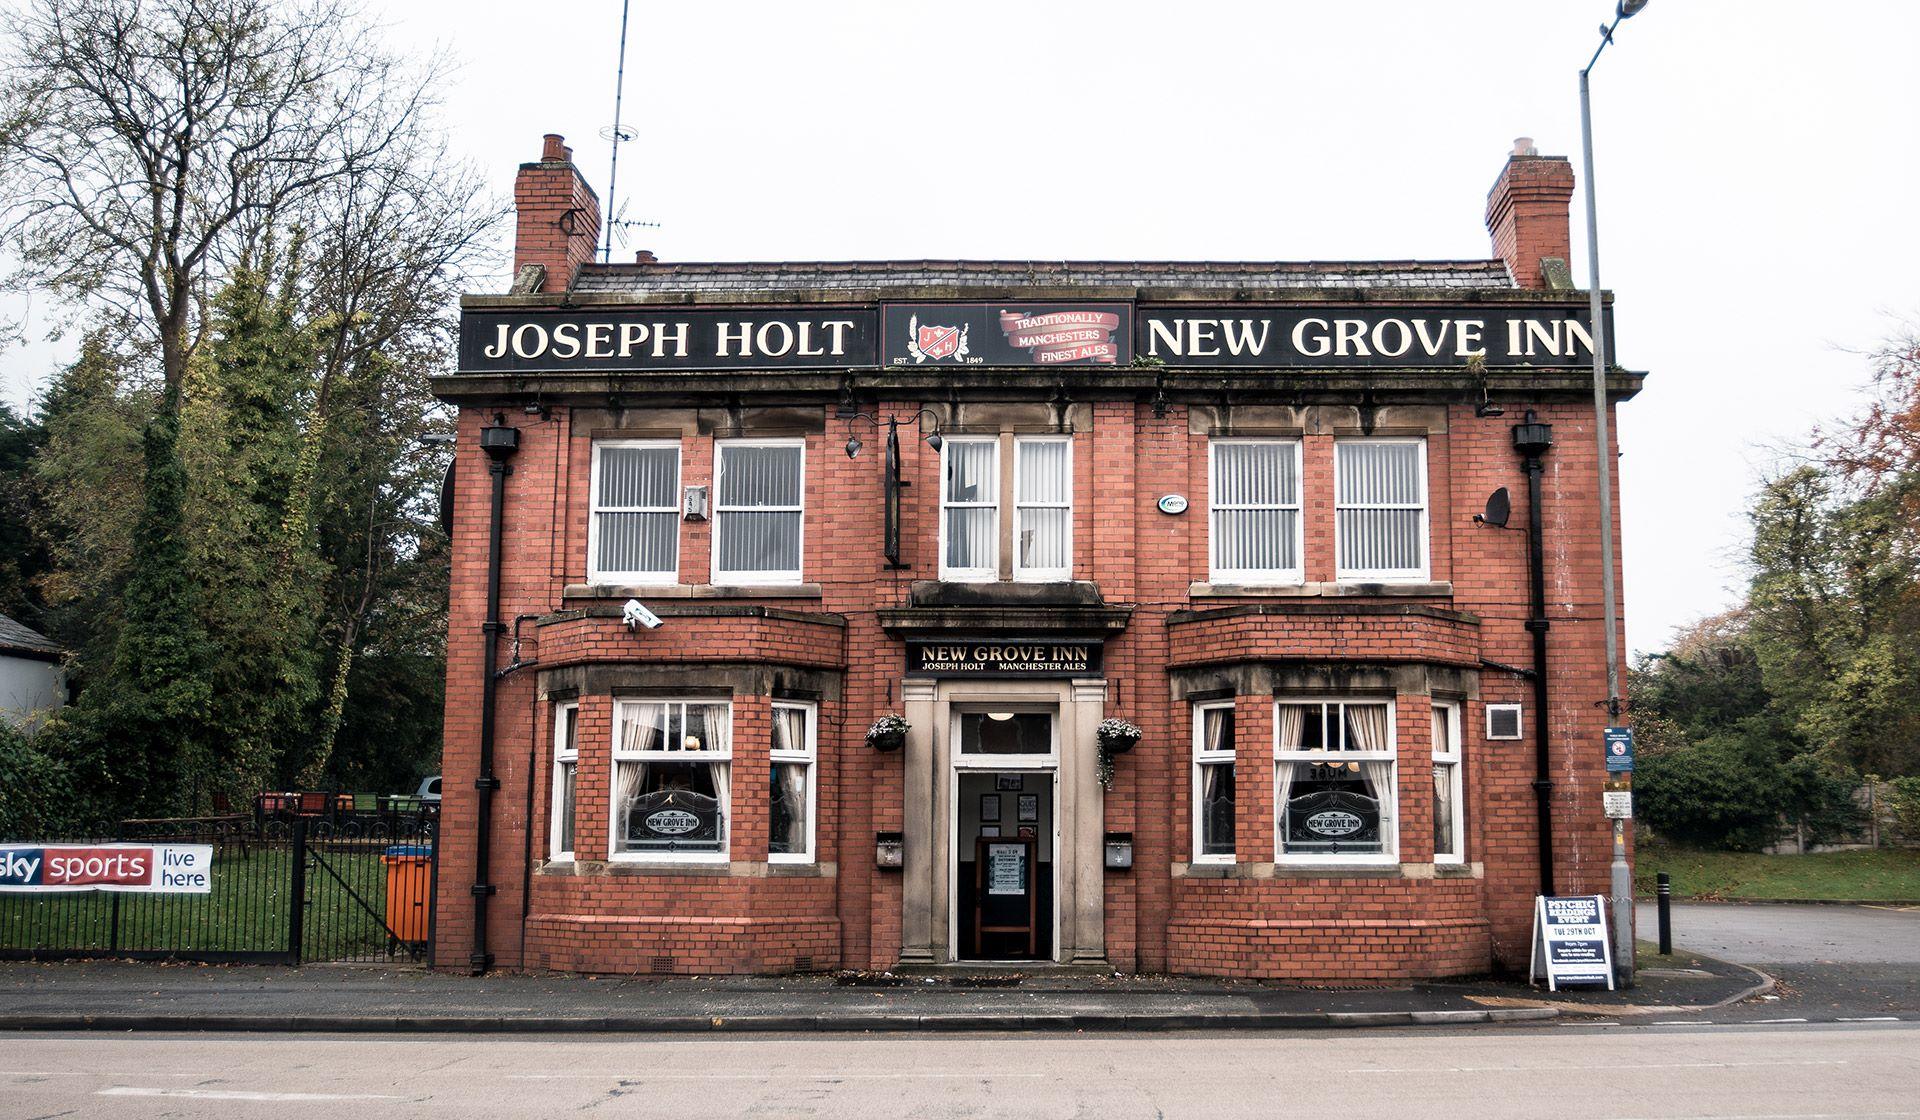 New Grove Inn featured Pub